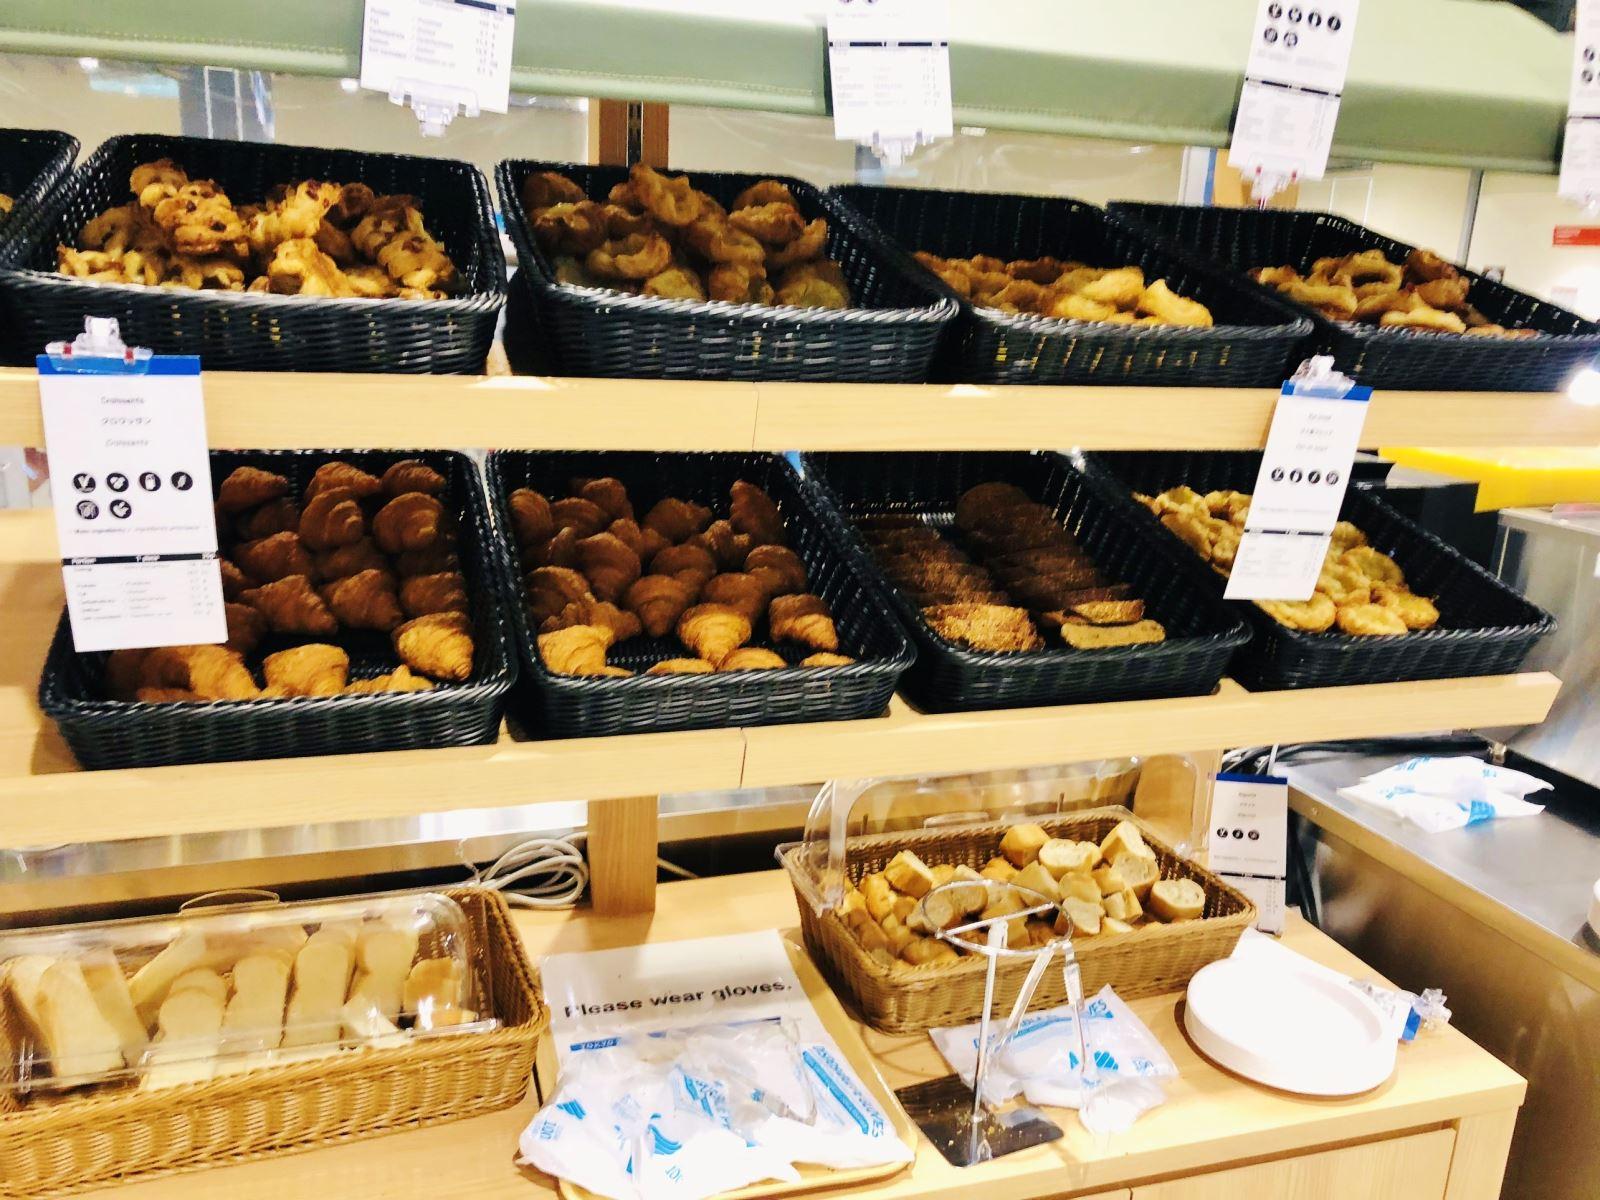 Olympic Tokyo 2020: Có 700 món ăn mỗi ngày, nổi bật với Phở và thịt bò Wagyu - 8